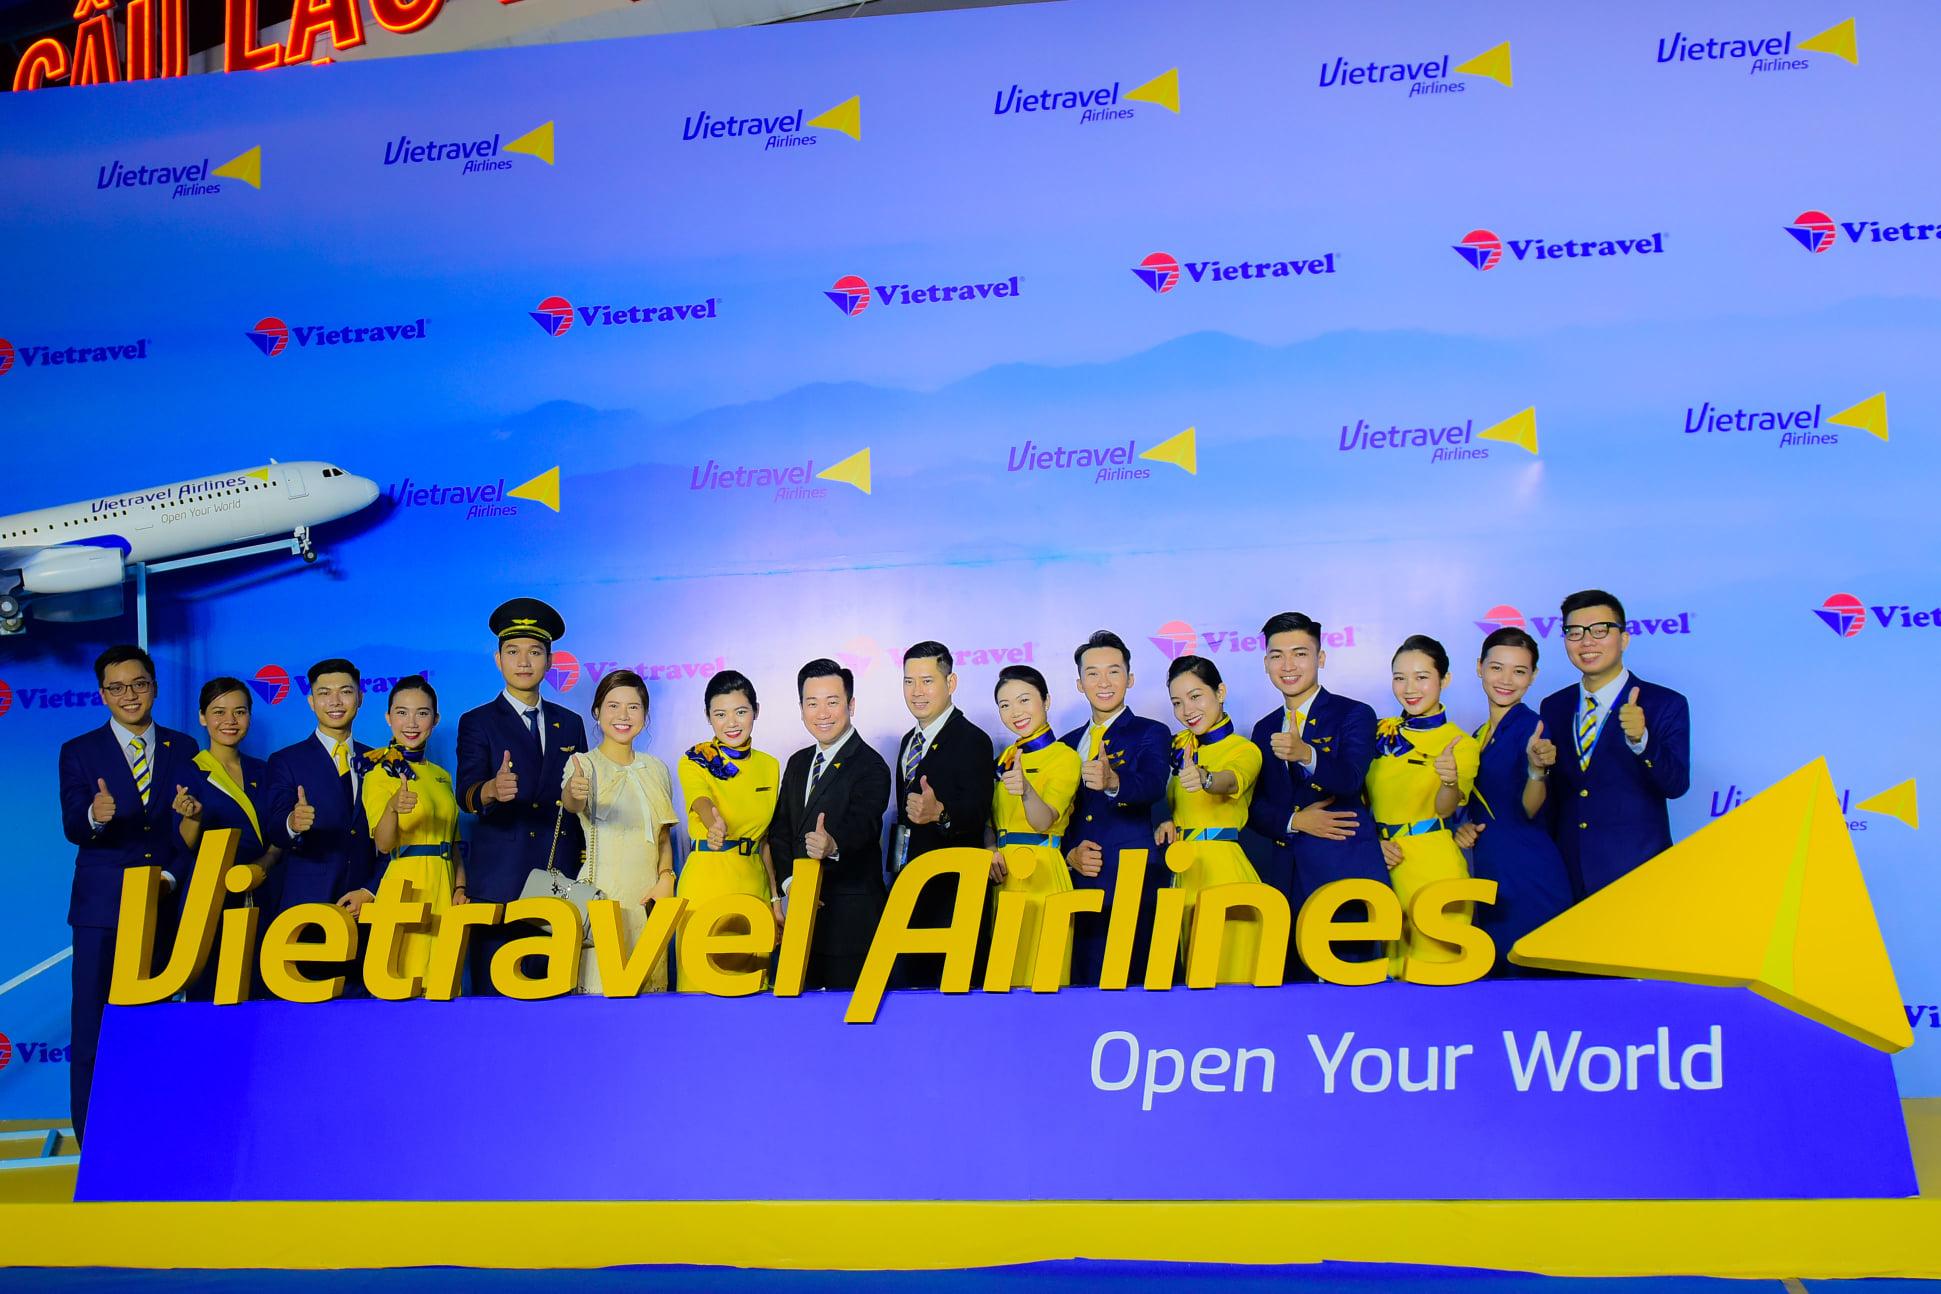 ベトナムの最新の航空会社が 1 月 25 日に初フライト